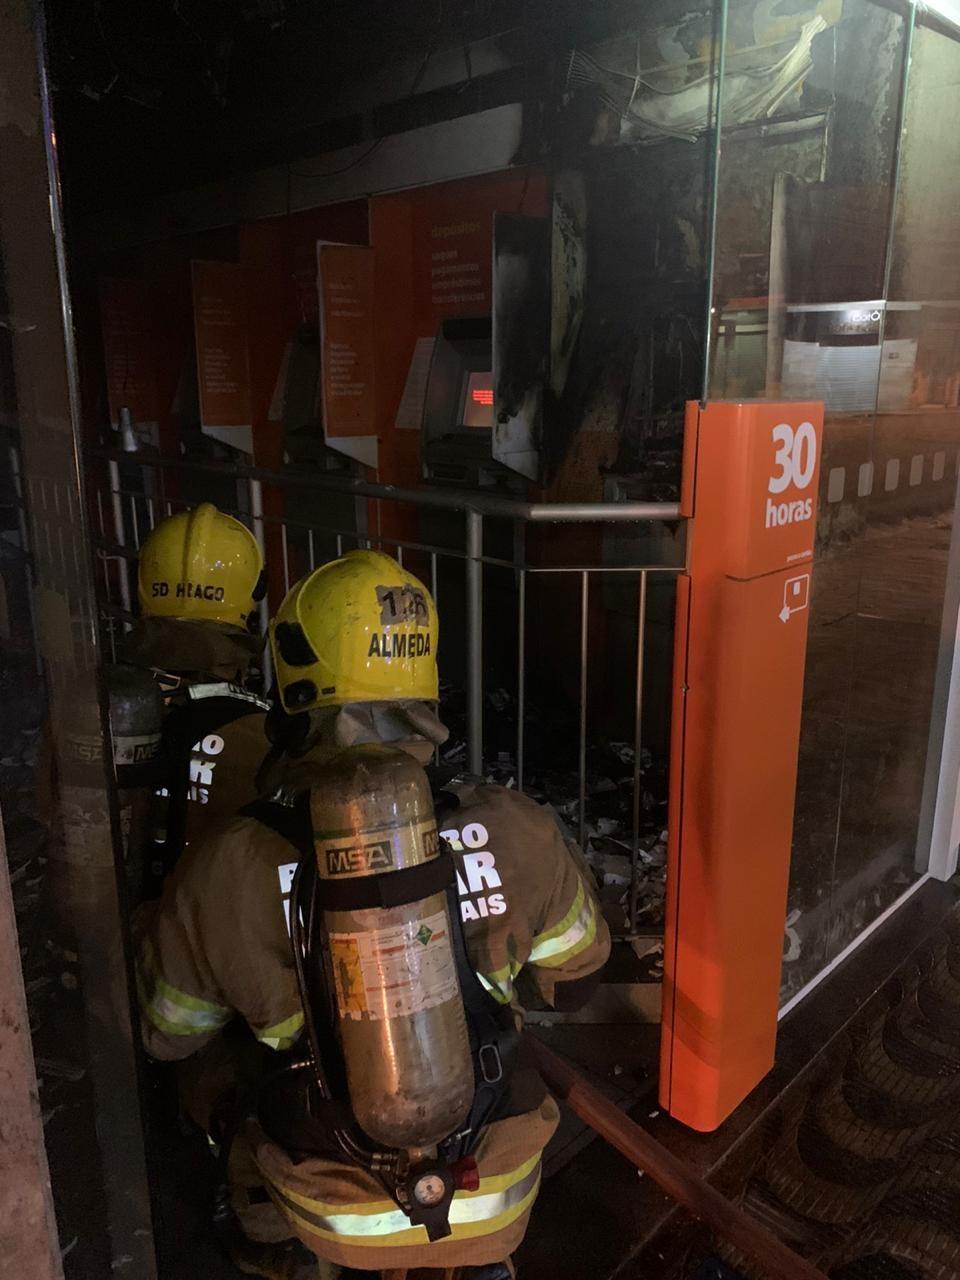 Incêndio é registrado em agência bancária em Juiz de Fora